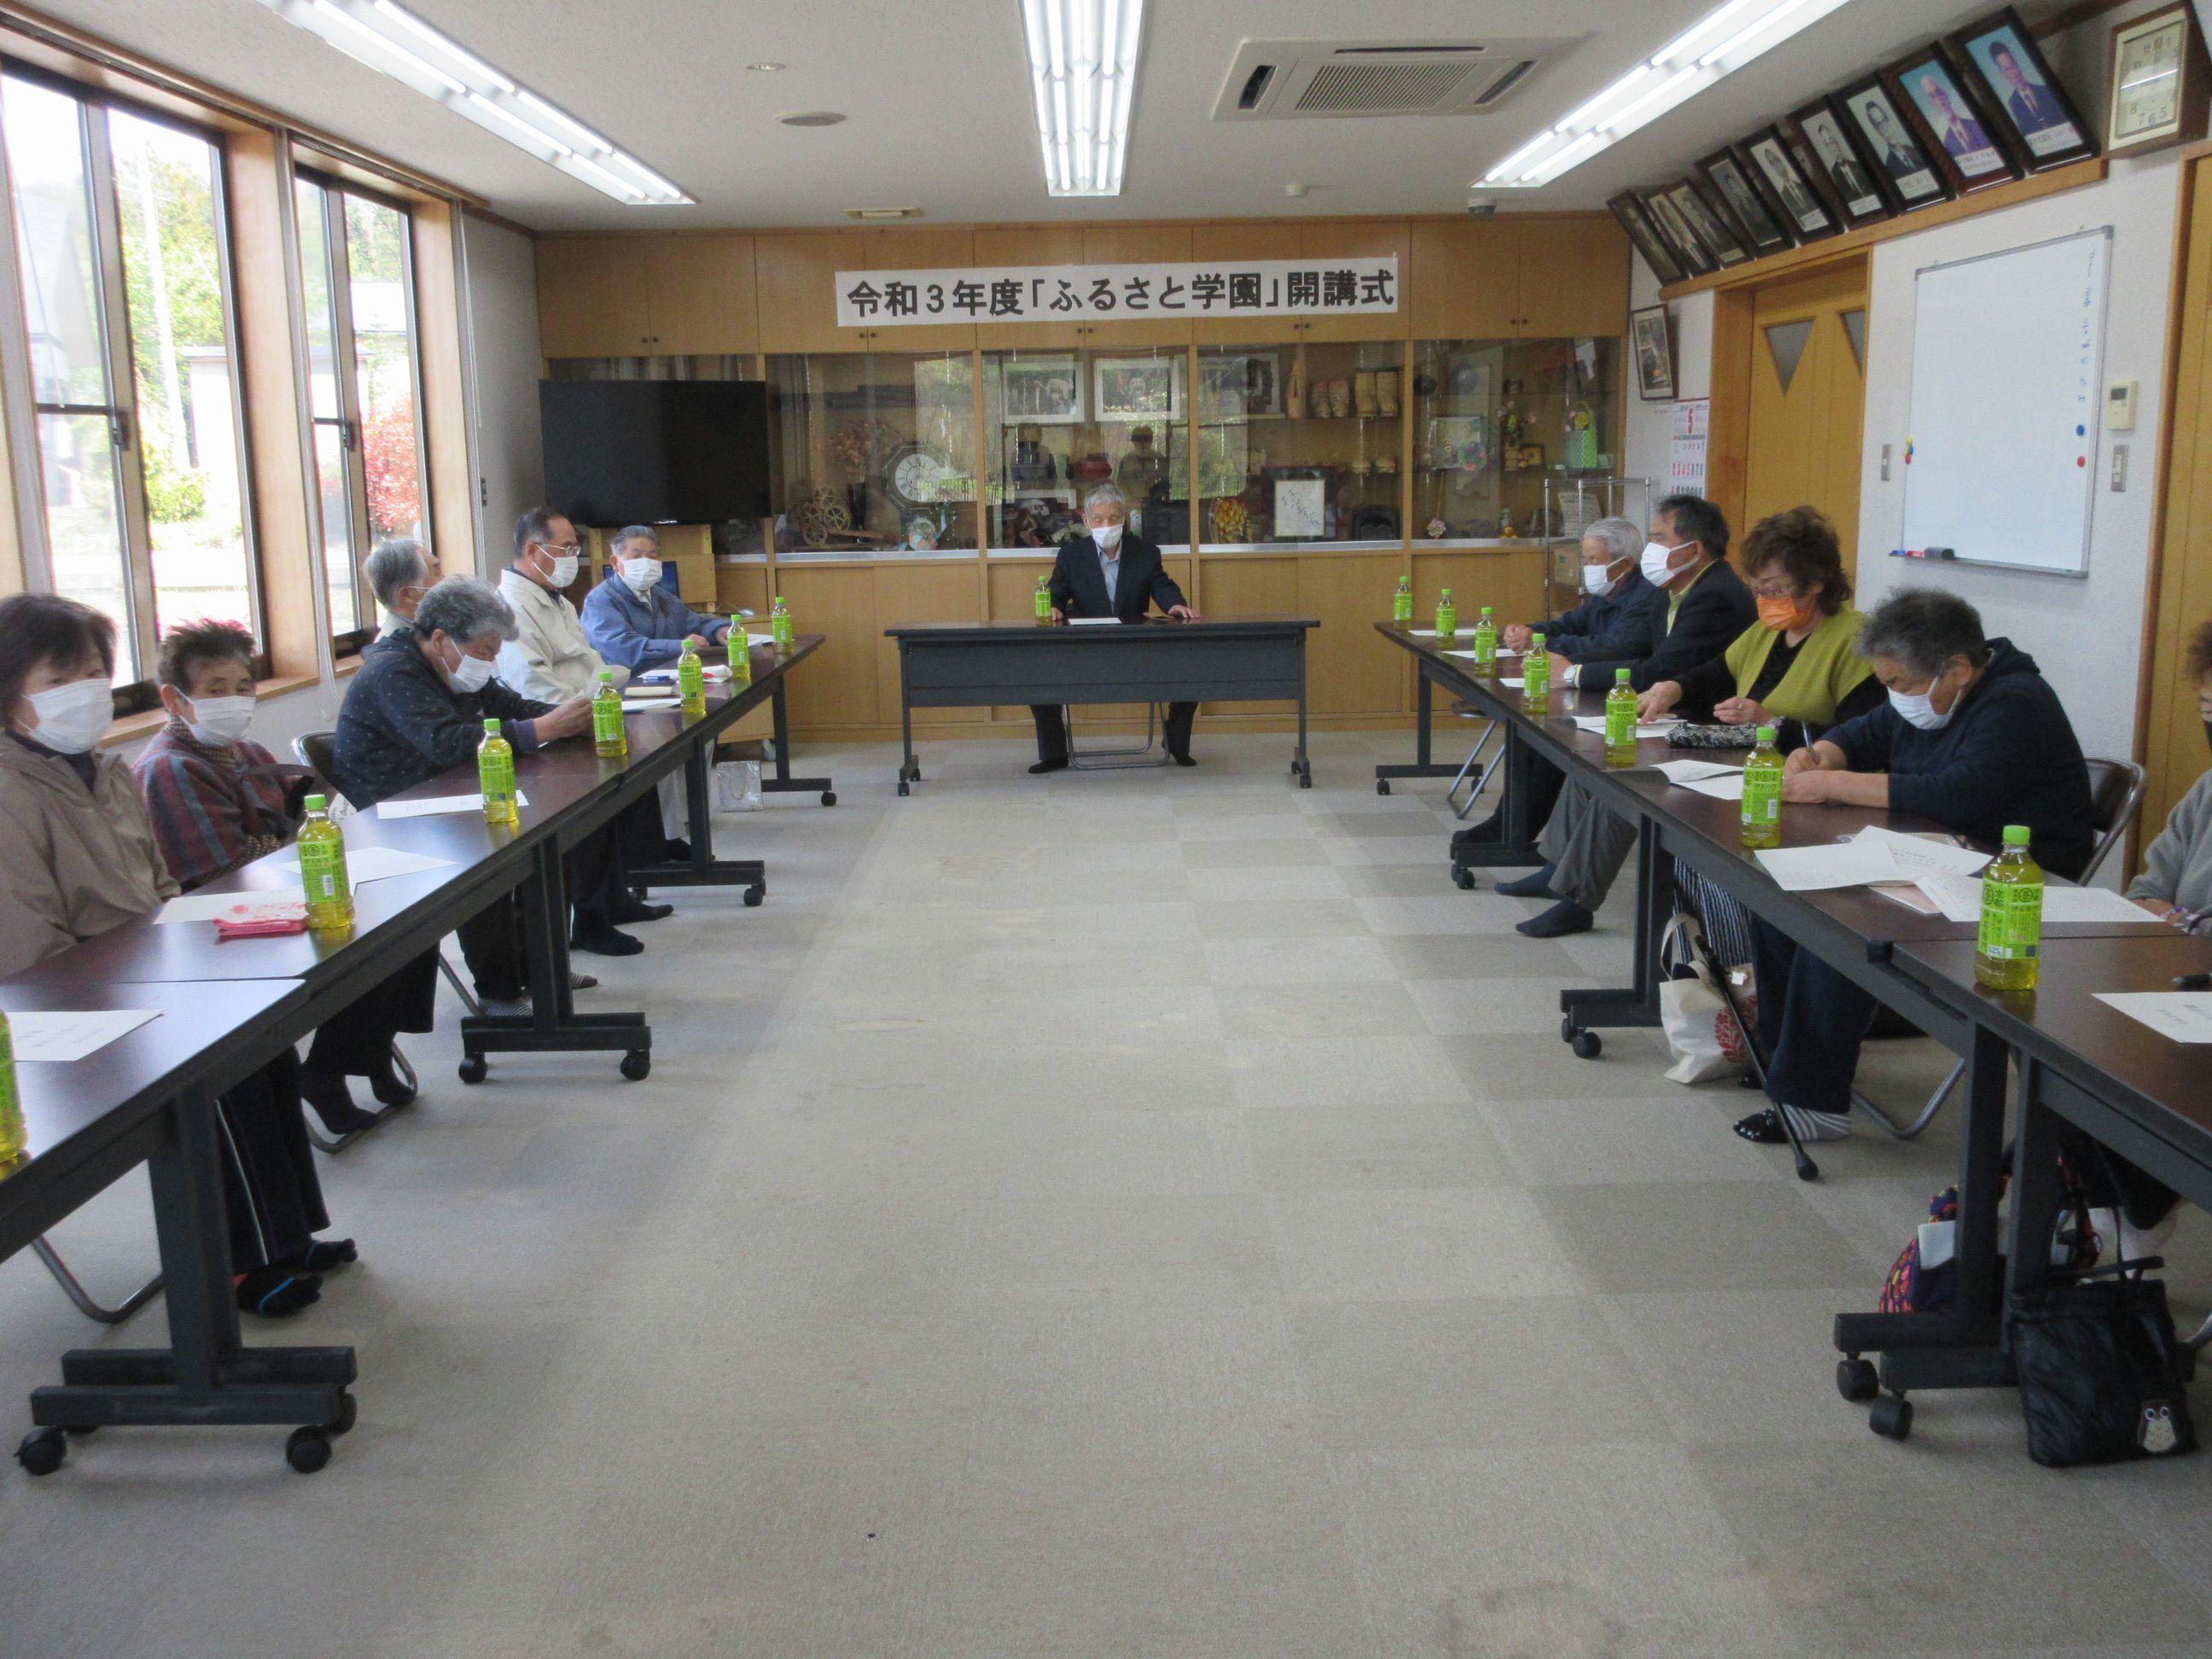 ふるさと学園の開講式を開催(西部地区公民館):画像